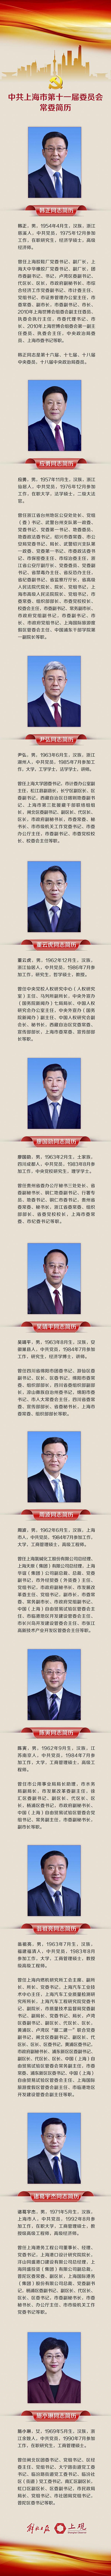 原标题:新一届上海市委常委班子亮相,有新面孔!(附简历)